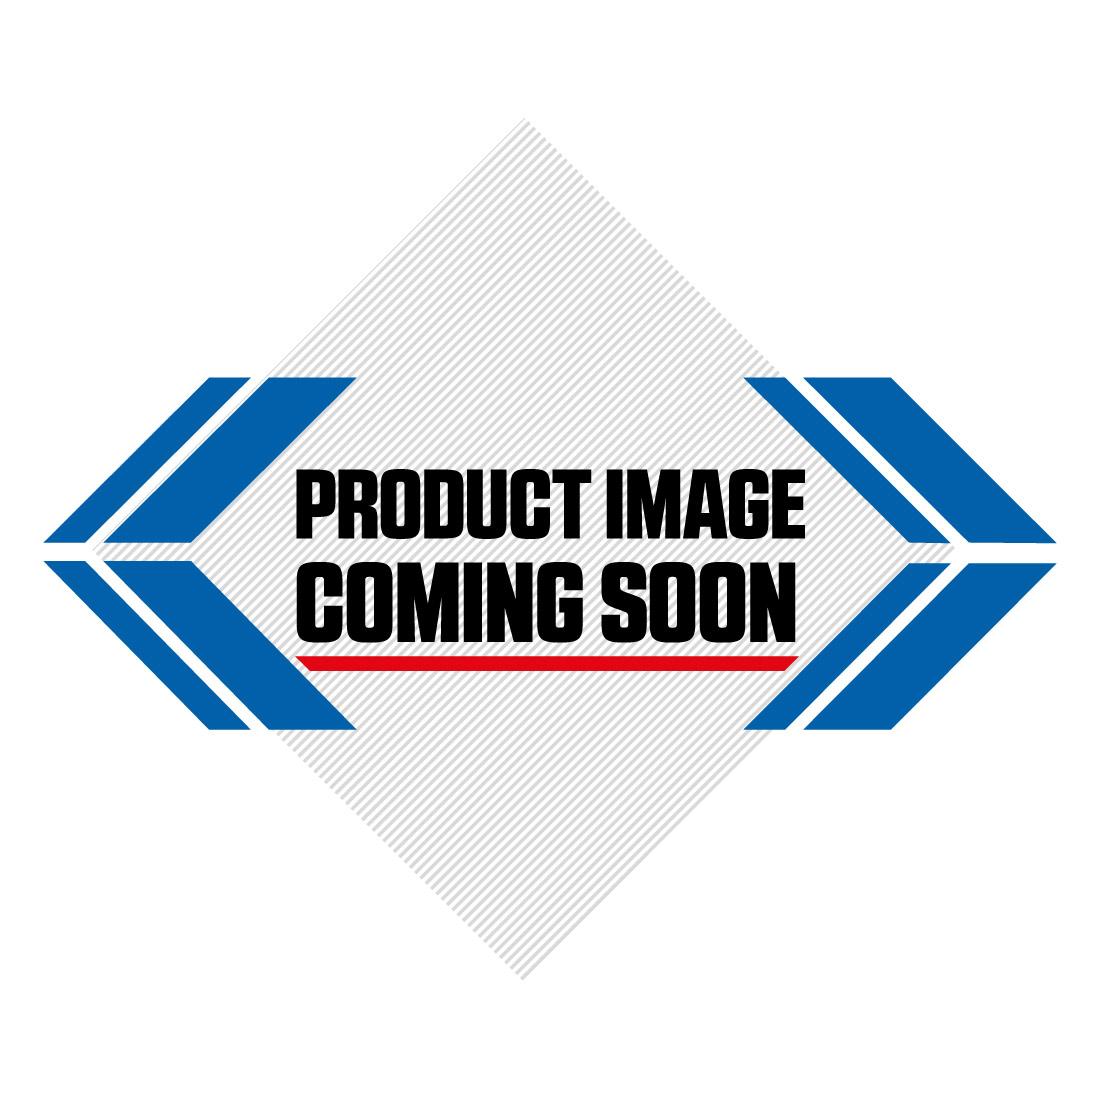 Husqvarna Plastic Kit OEM Factory (07-08) Image-3>